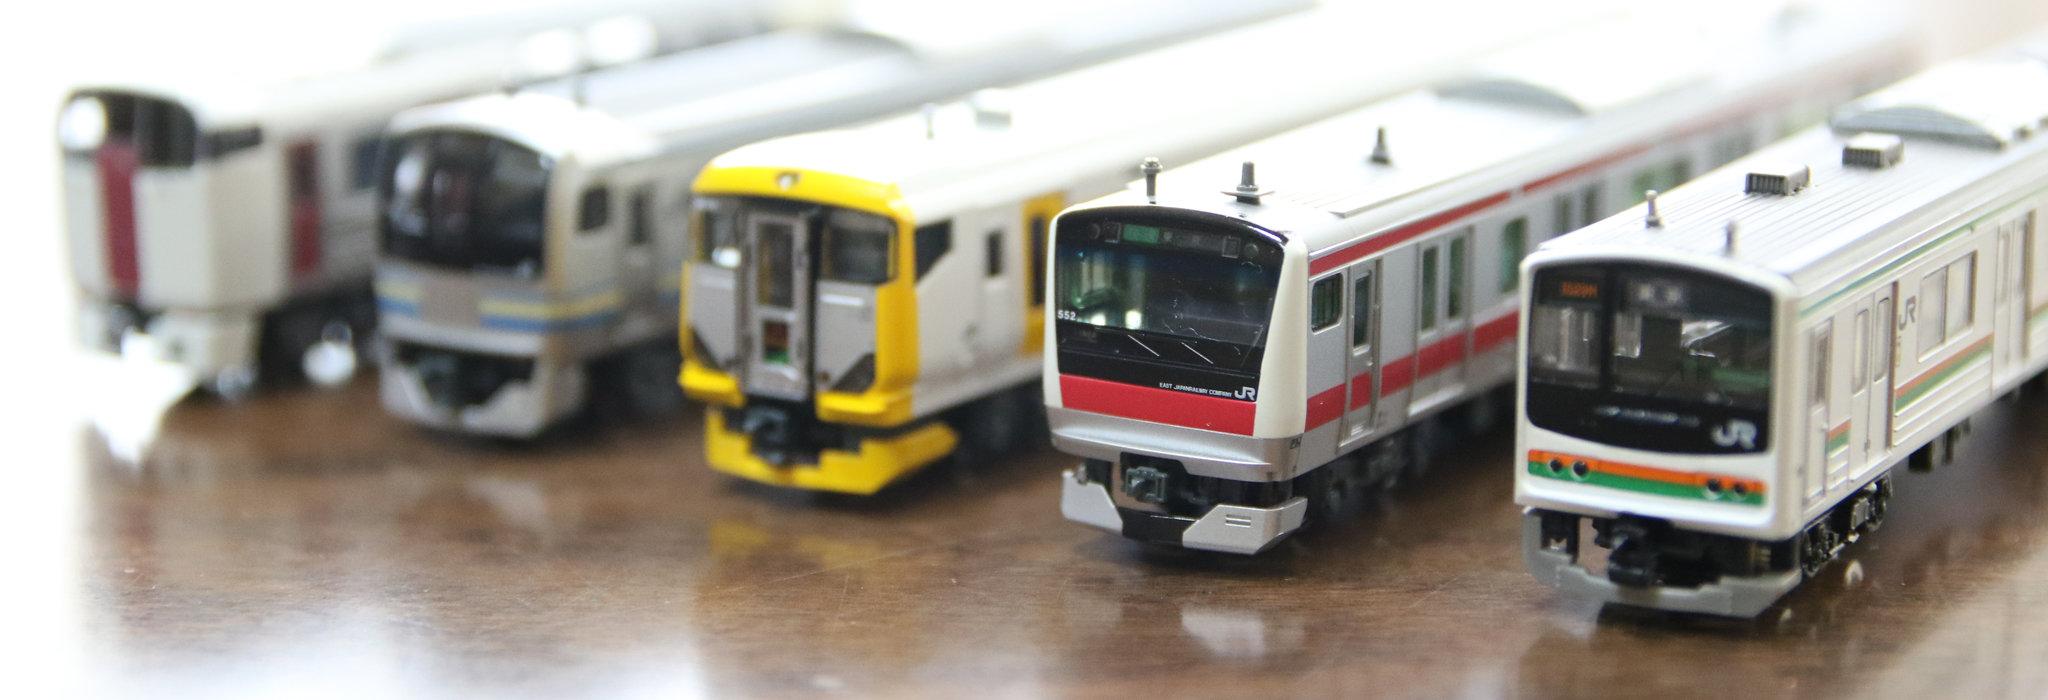 総再生回数100万回以上。鉄道模型YouTuber、tomy Hiratsukaさんが語る、Nゲージ鉄道模型の魅力とは。_image